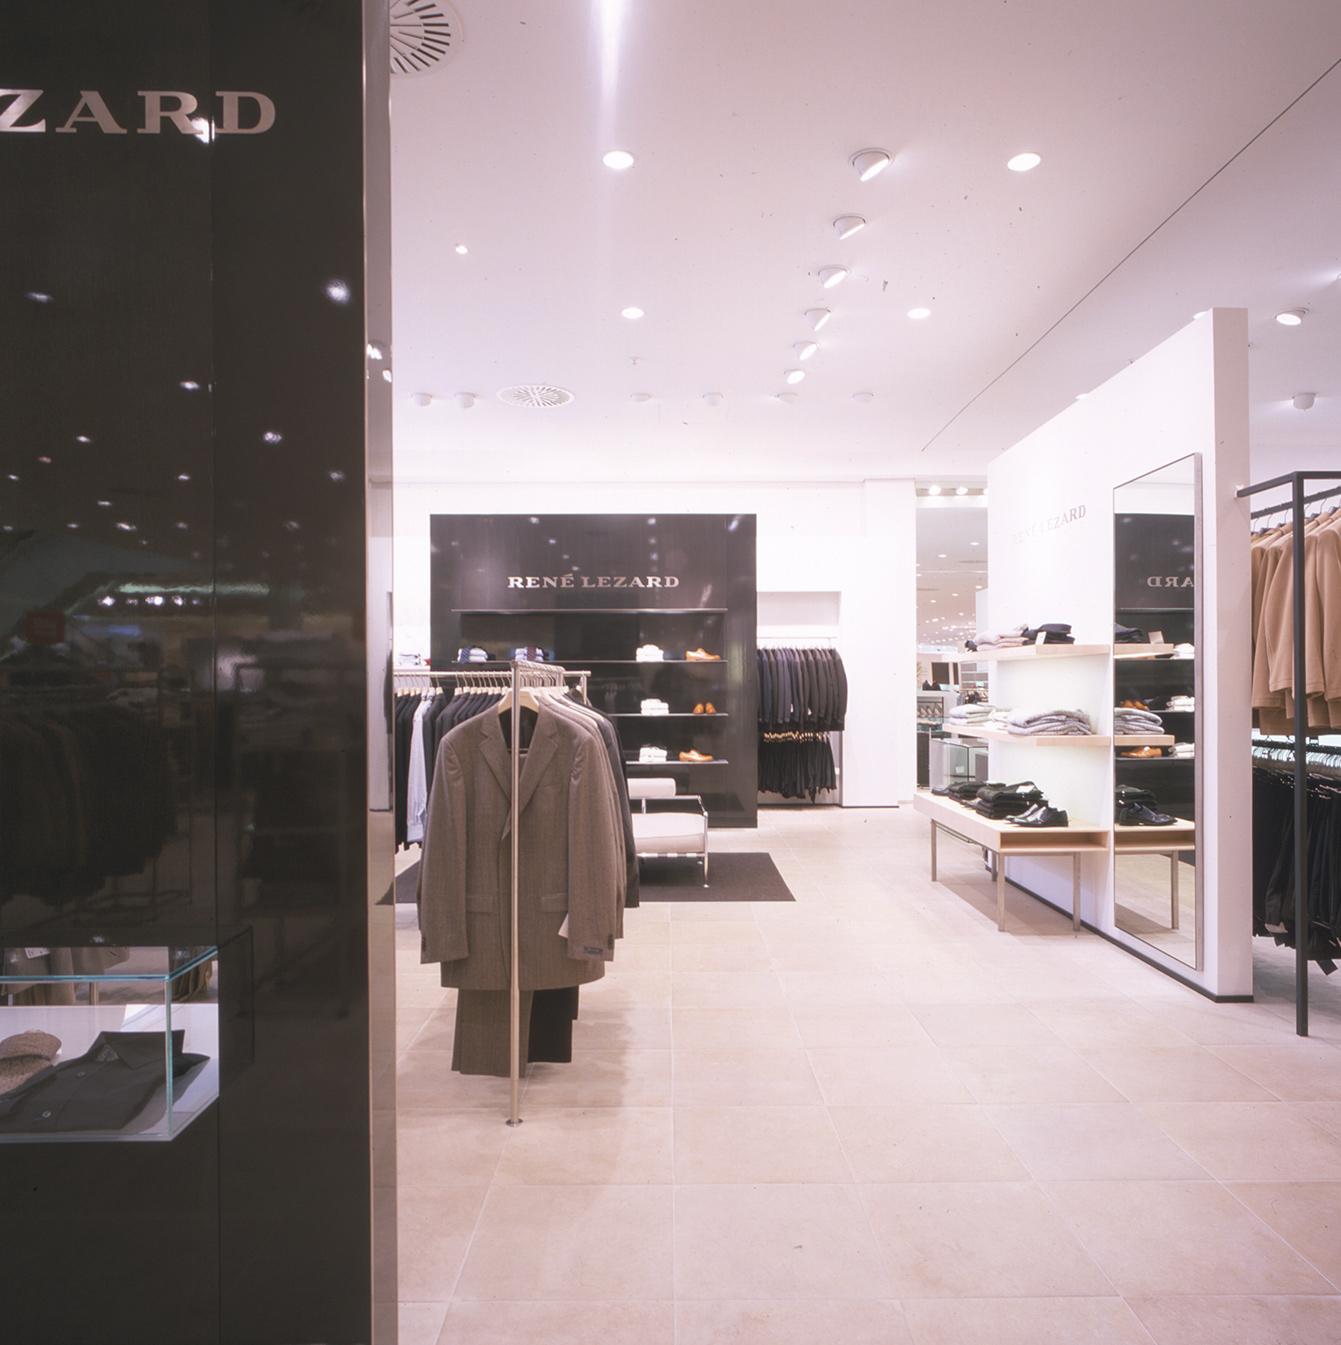 Lezard08